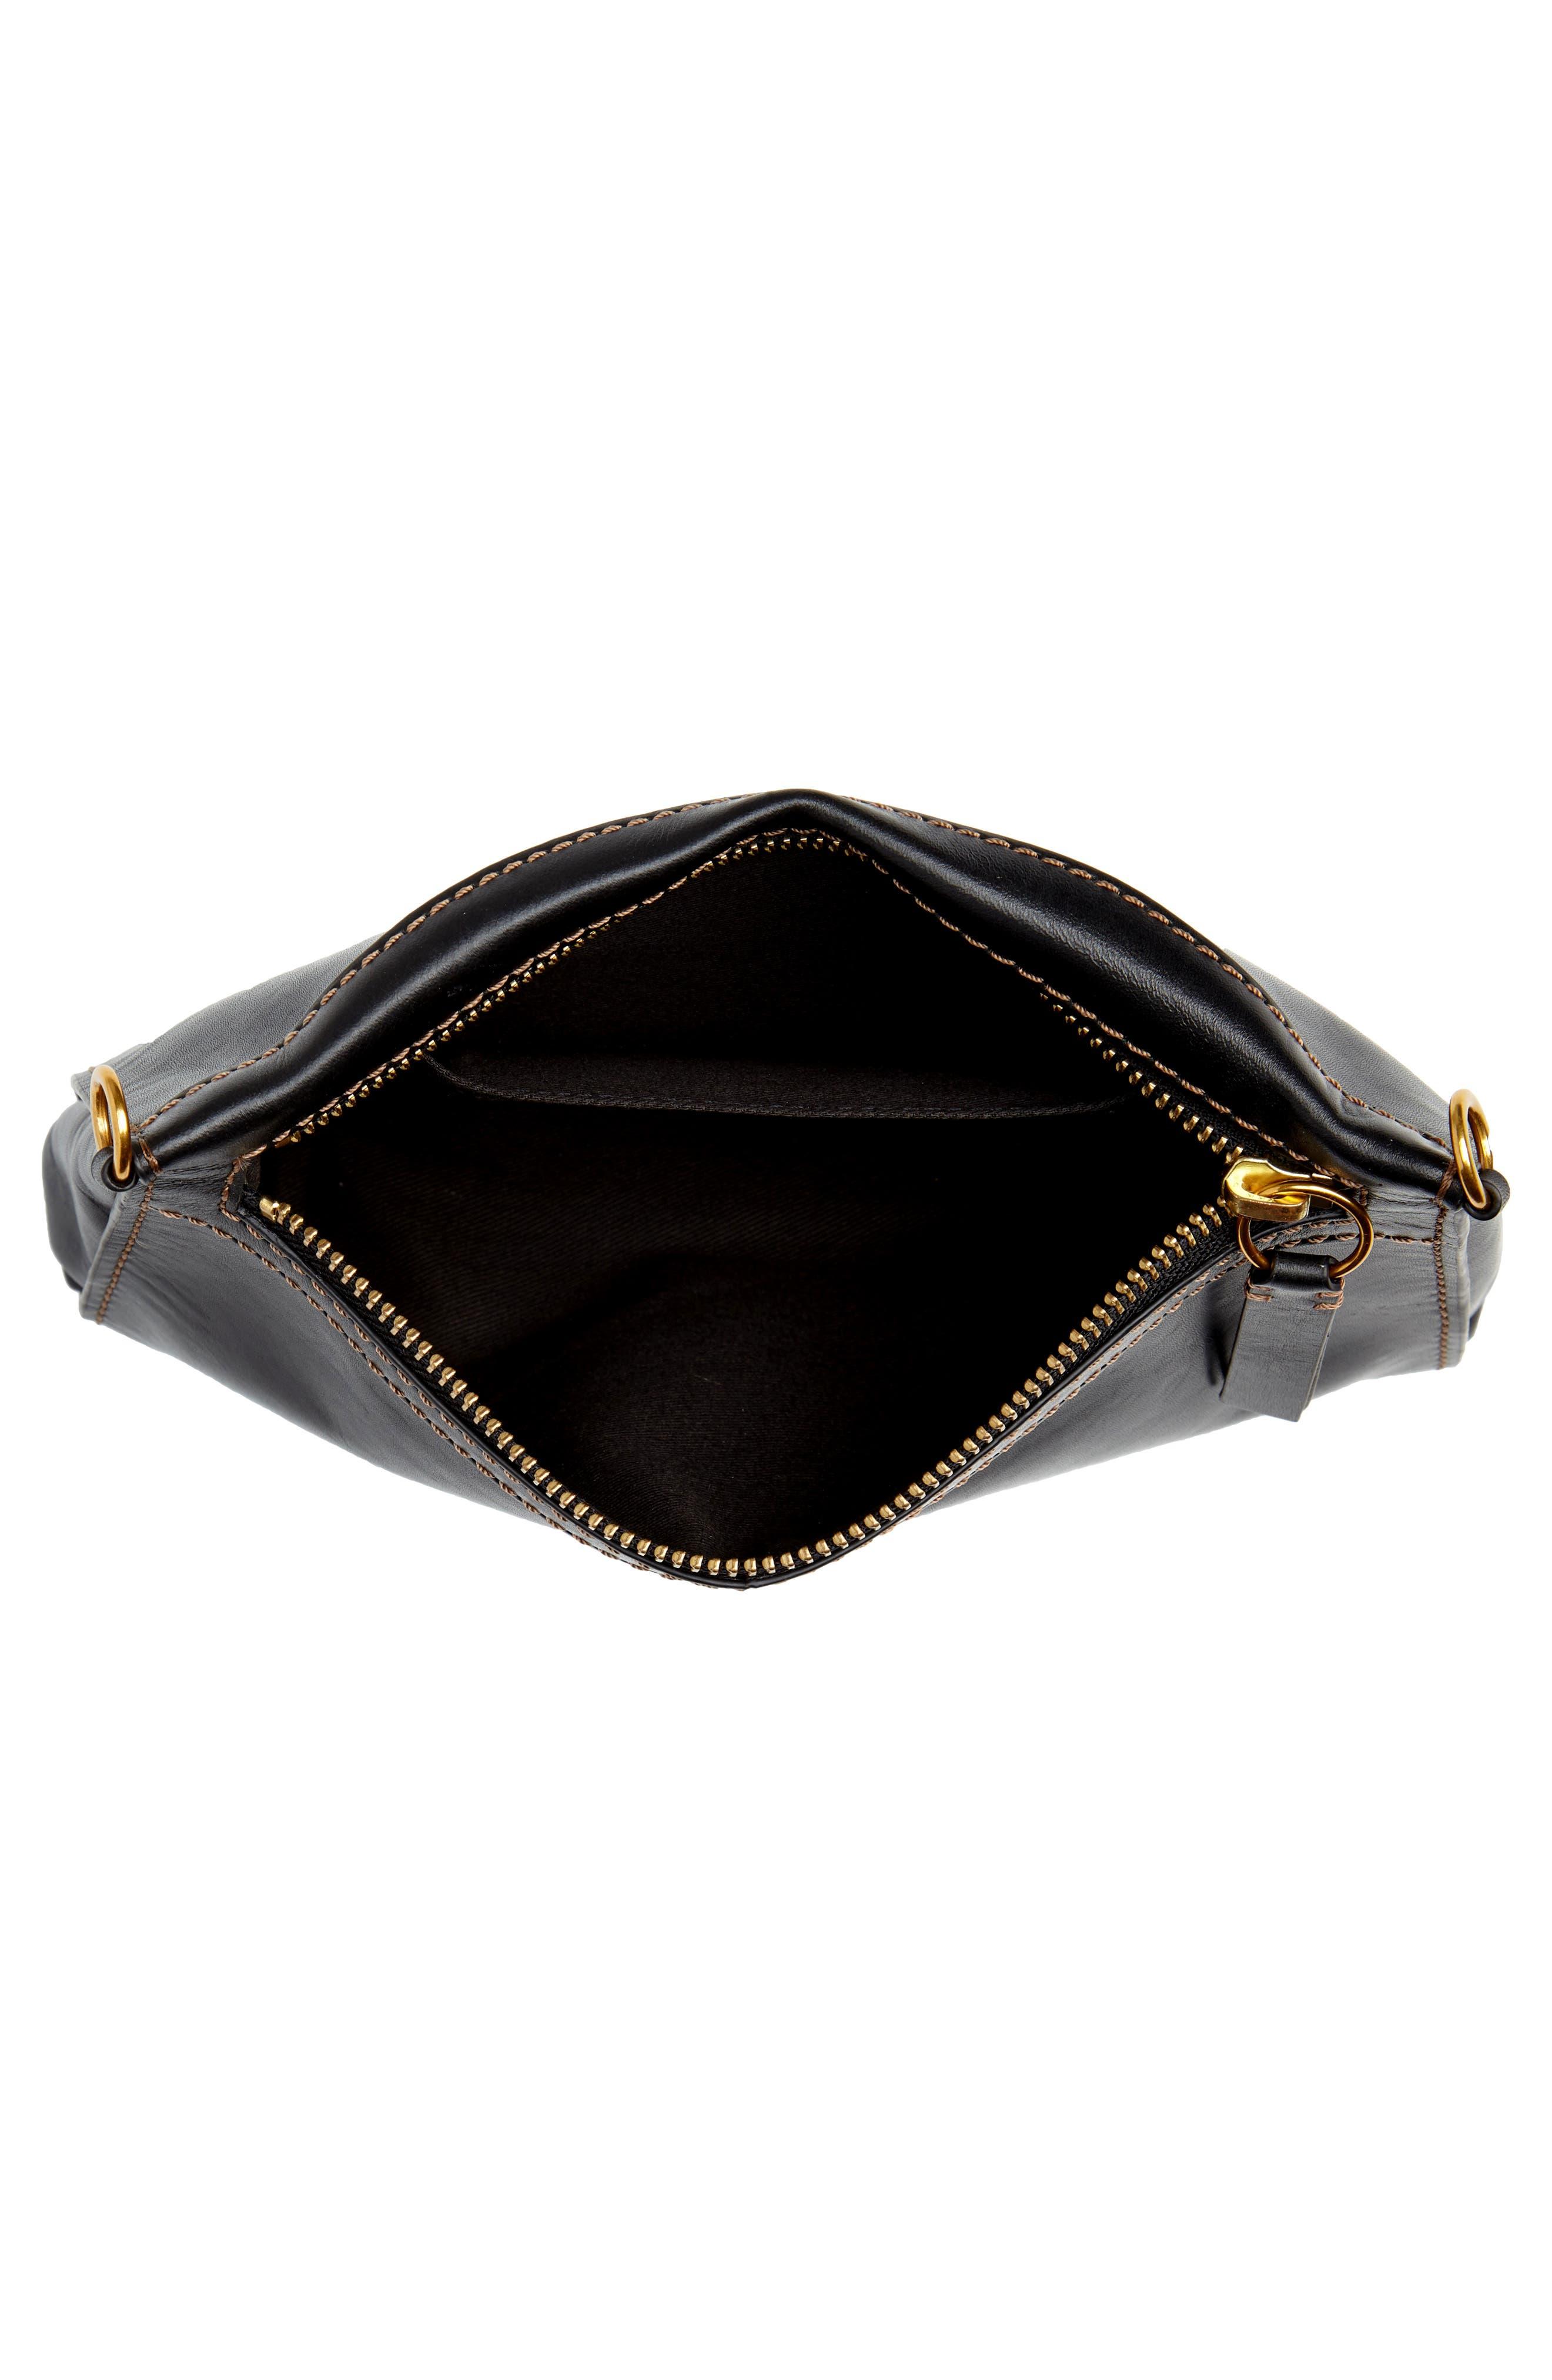 Carson Leather Wristlet/Clutch,                             Alternate thumbnail 4, color,                             BLACK